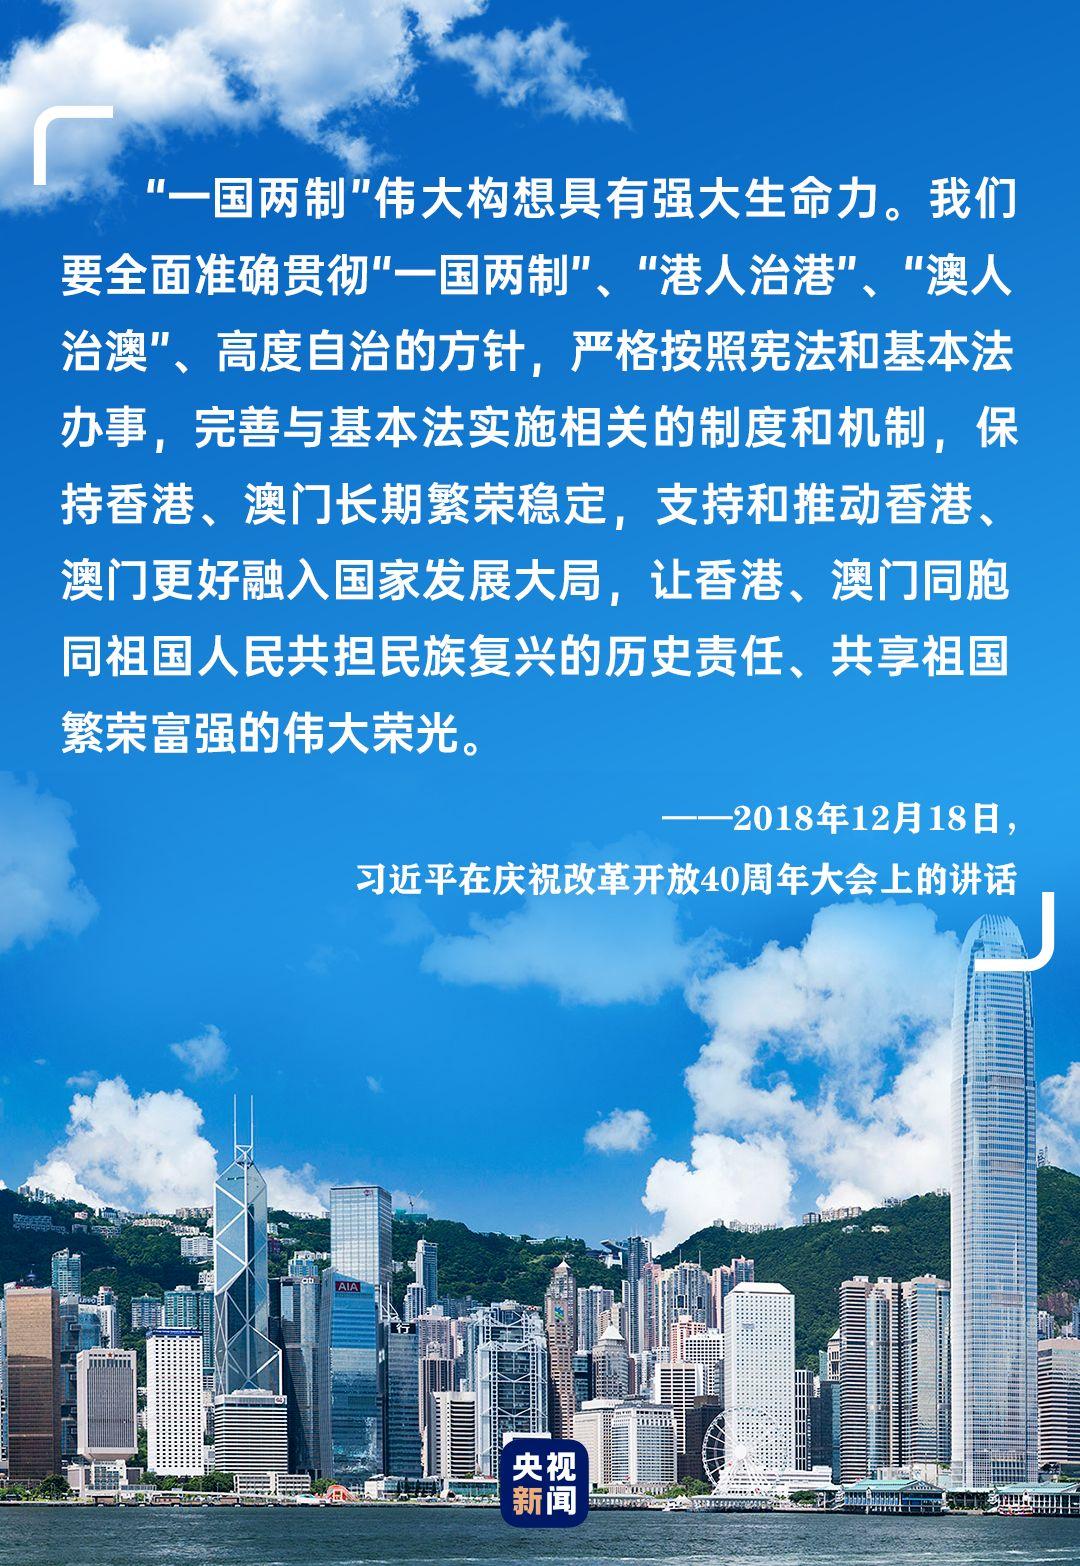 """新时代""""一国两制""""事业,习近平这样擘画蓝图"""